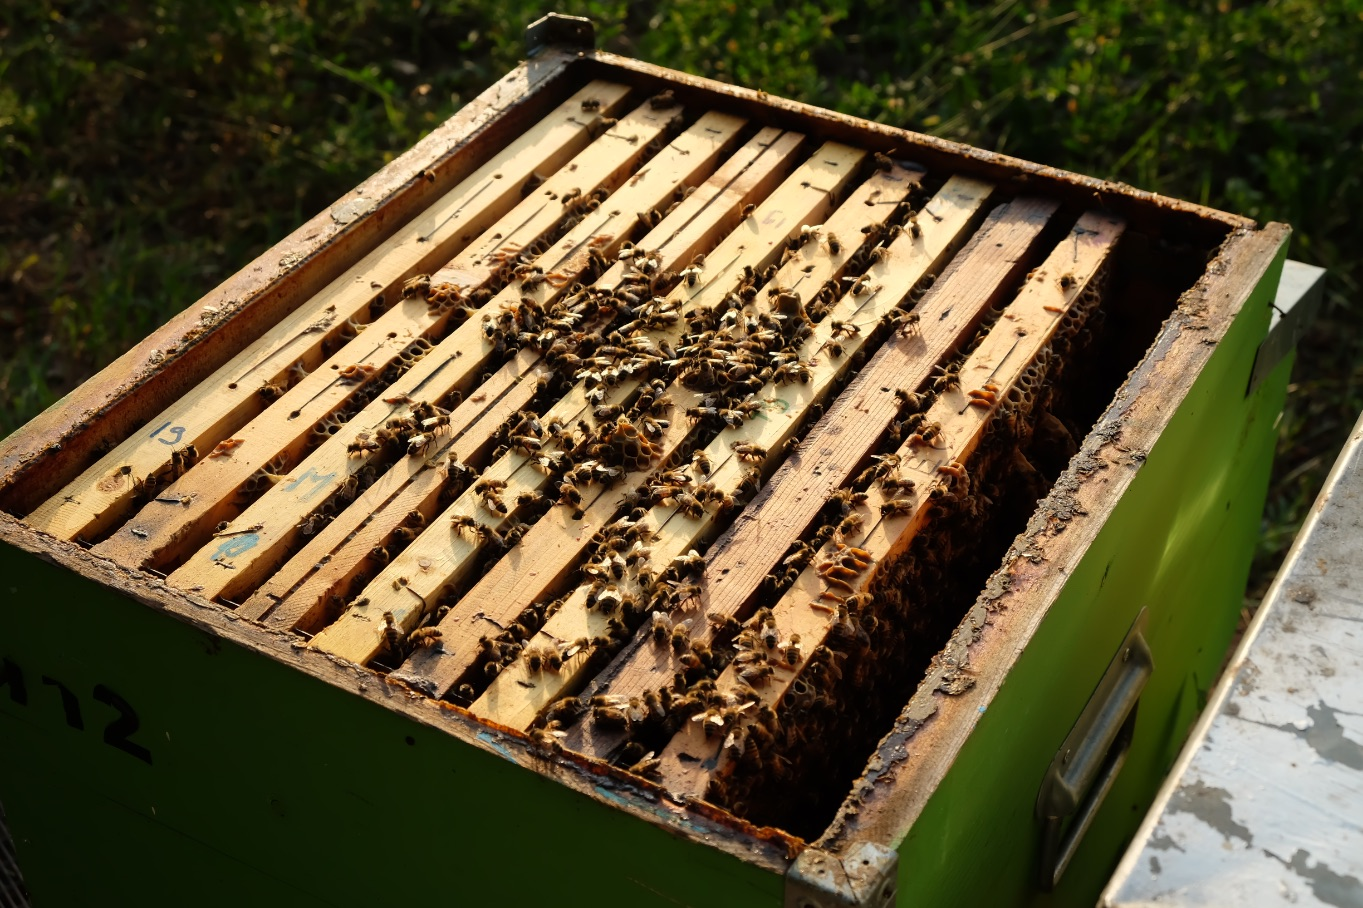 arnia-spazio-d-ape-produzione-miele